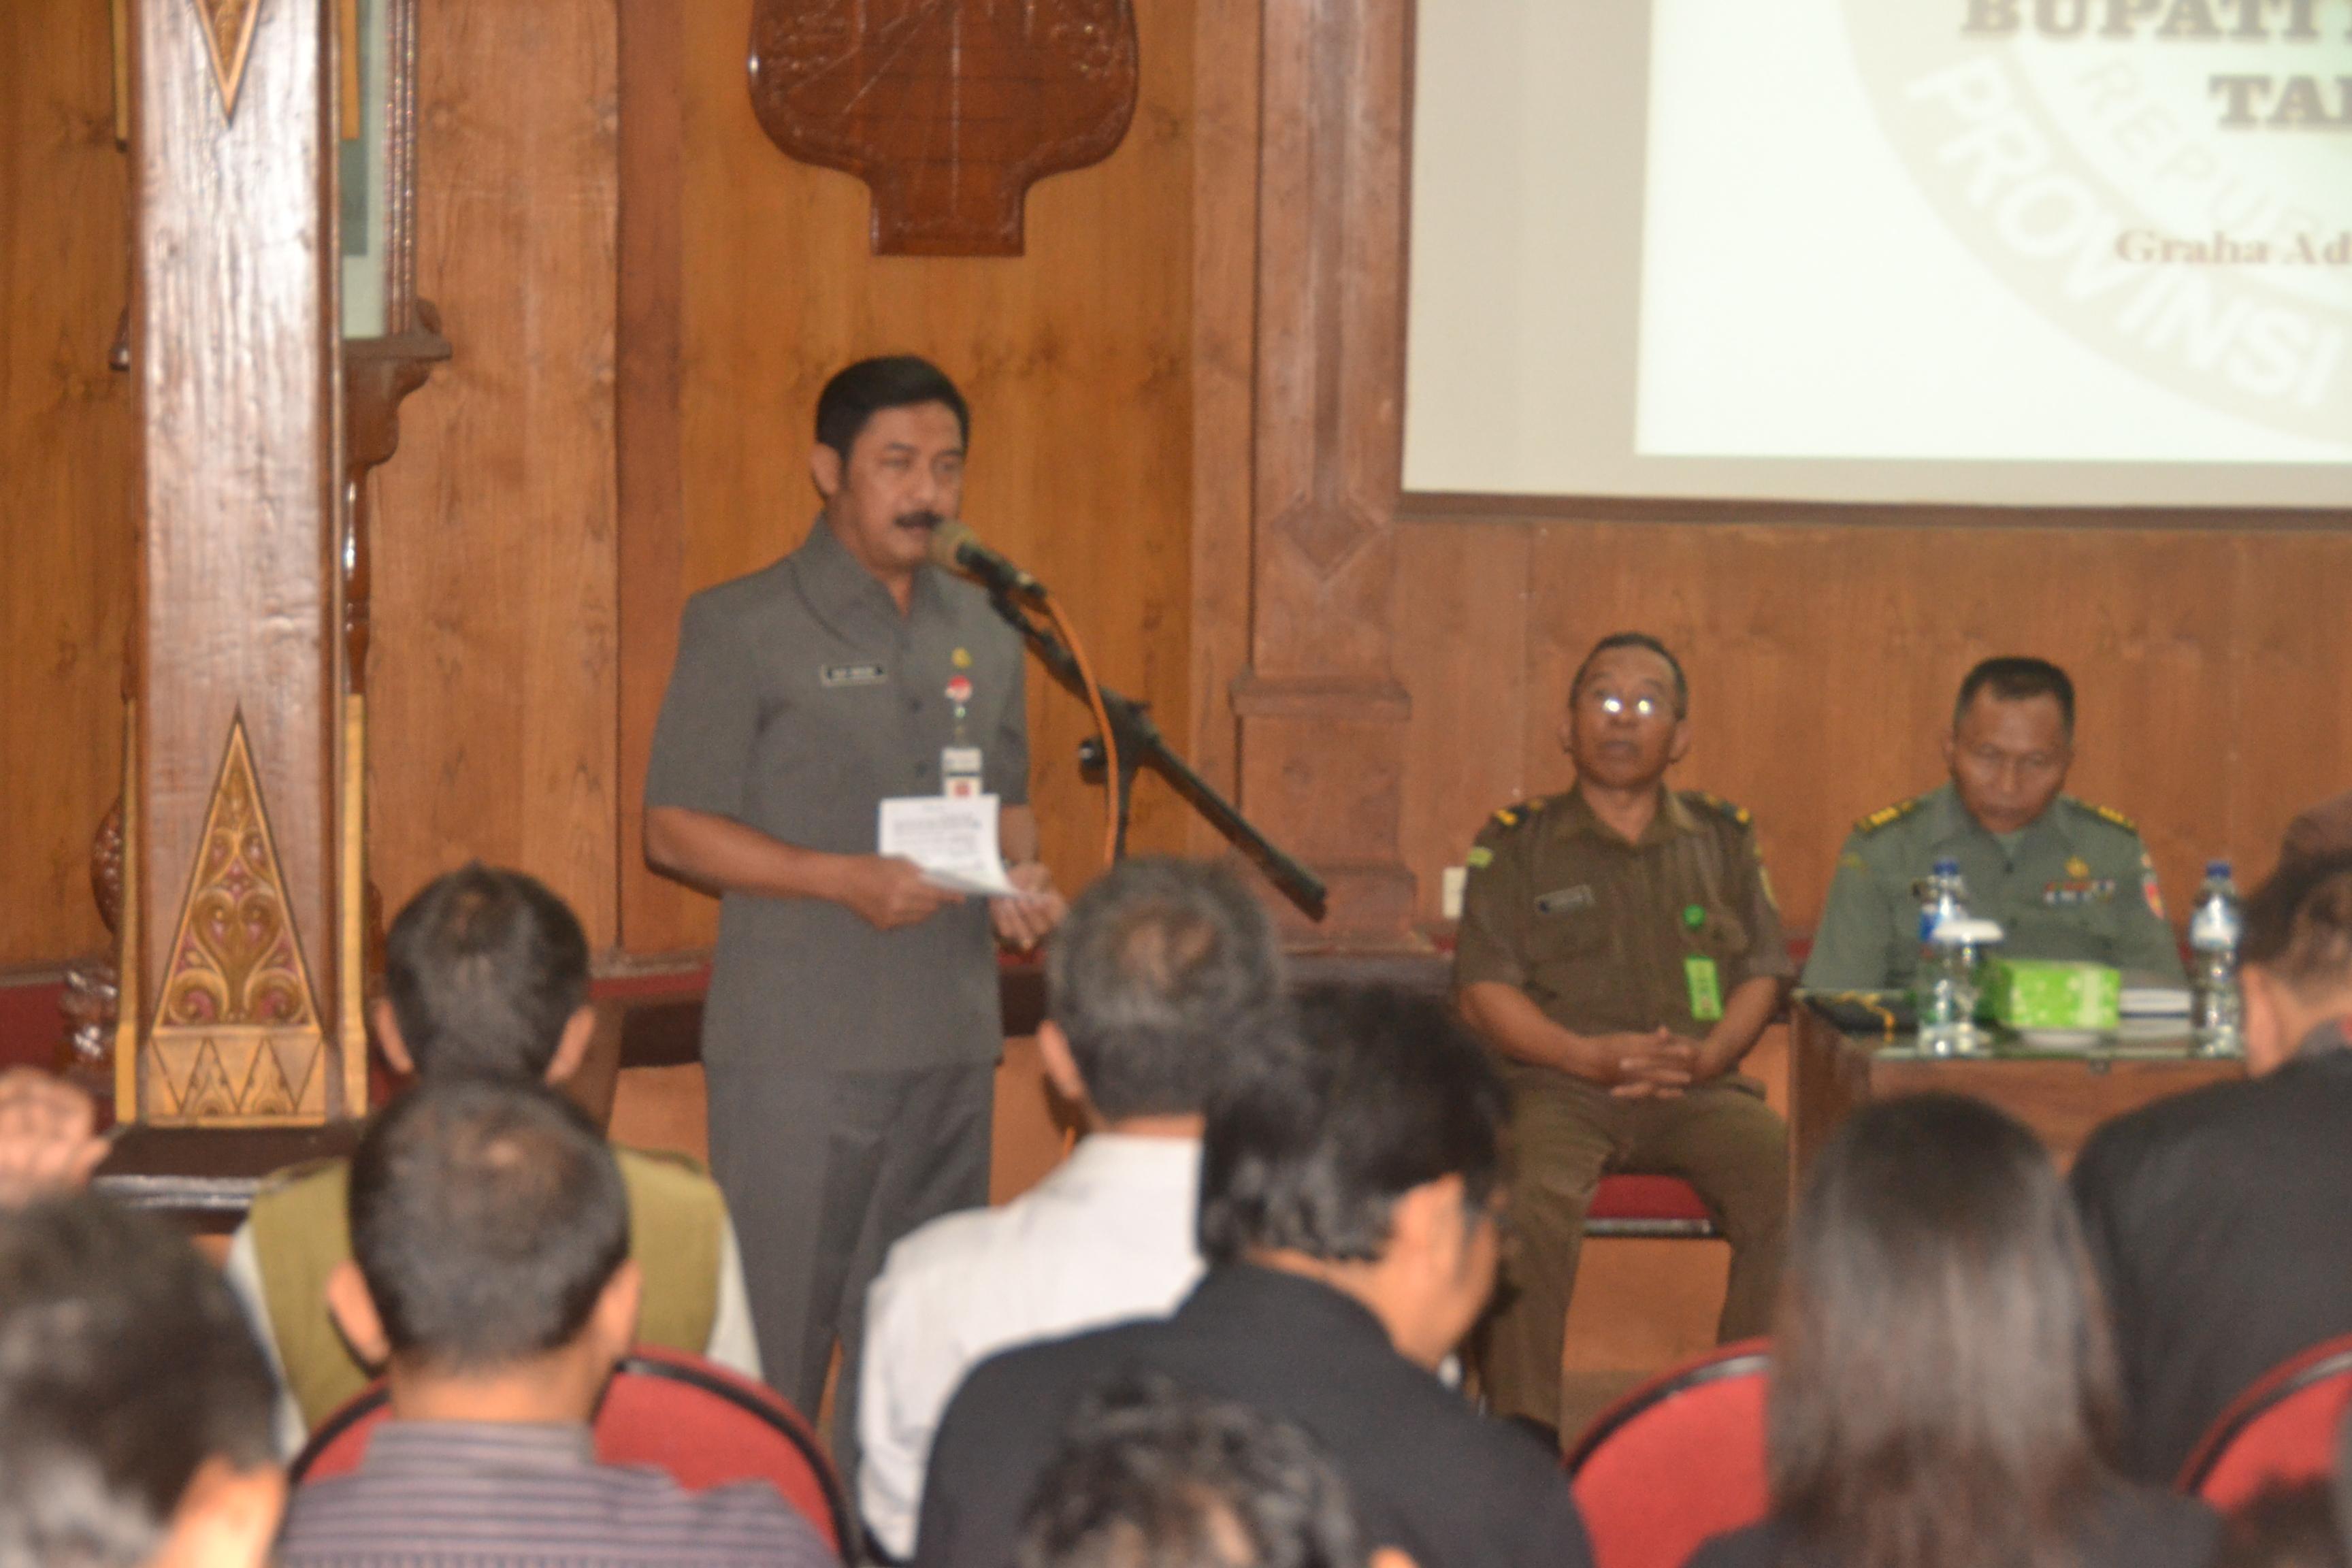 Pj Bupati Purbalingga Ingin Partisipasi Masyarakat dalam Pilkada Tinggi.